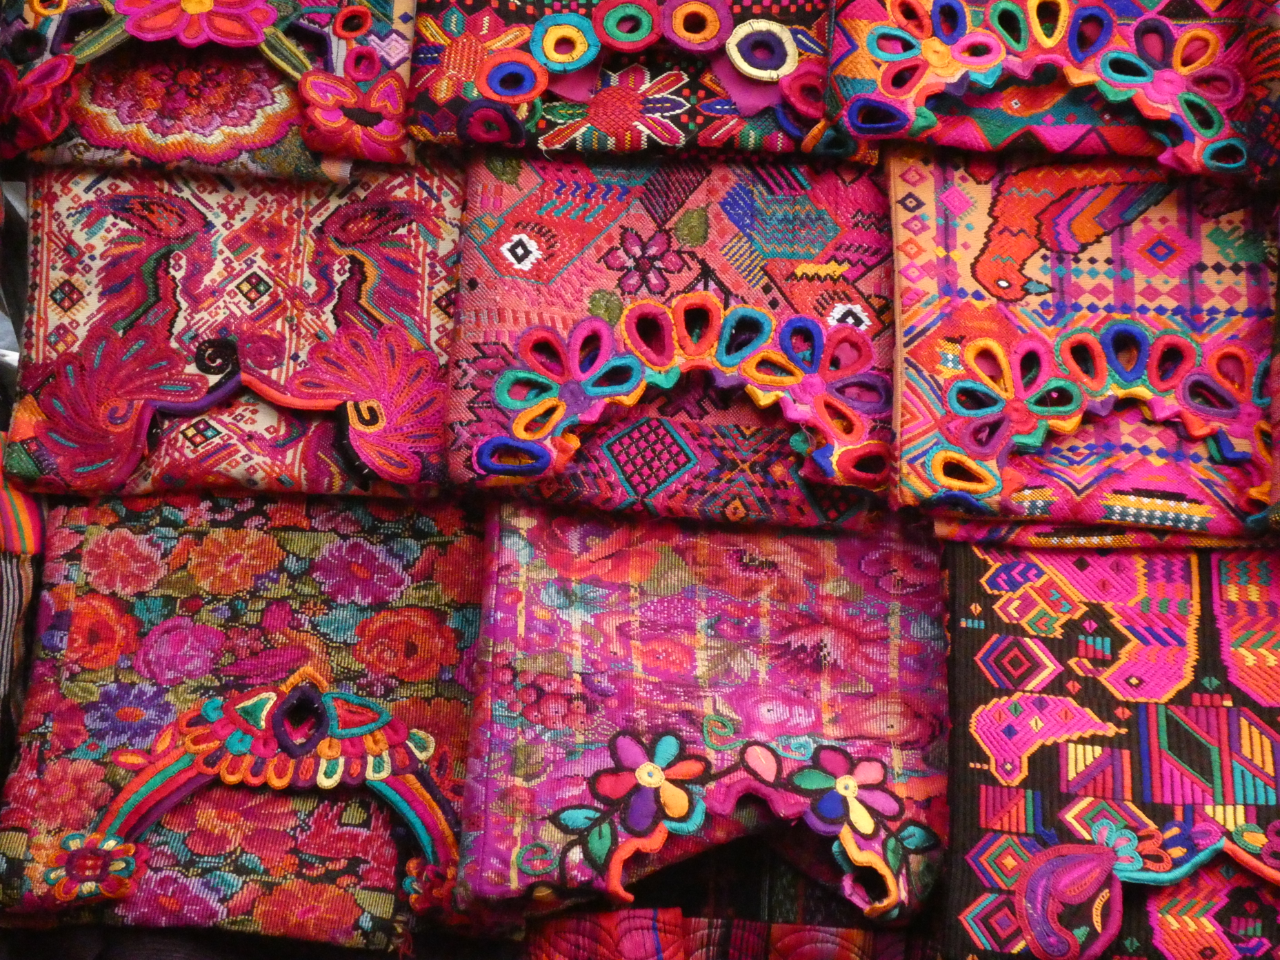 Photo 1: Le marché coloré de Chichicastenango au Guatemala